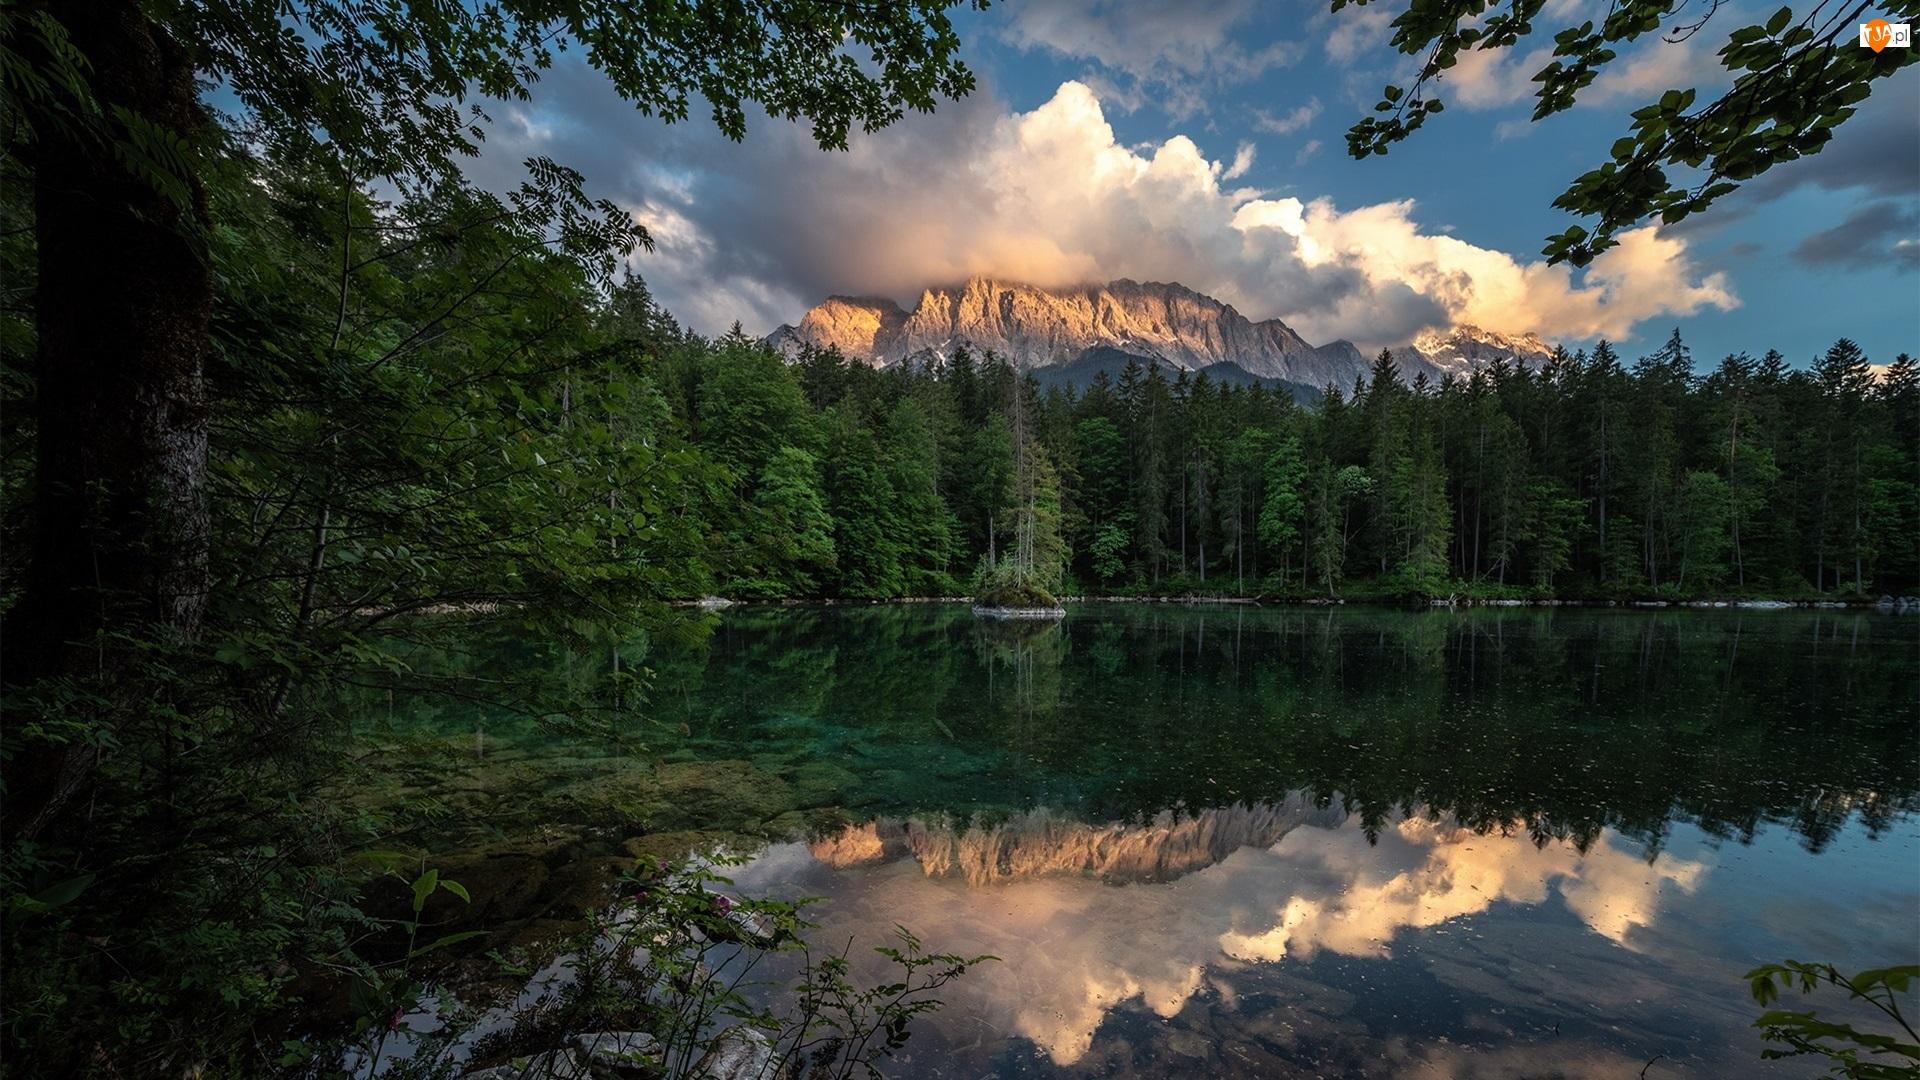 Jezioro, Chmury, Las, Góry, Drzewa